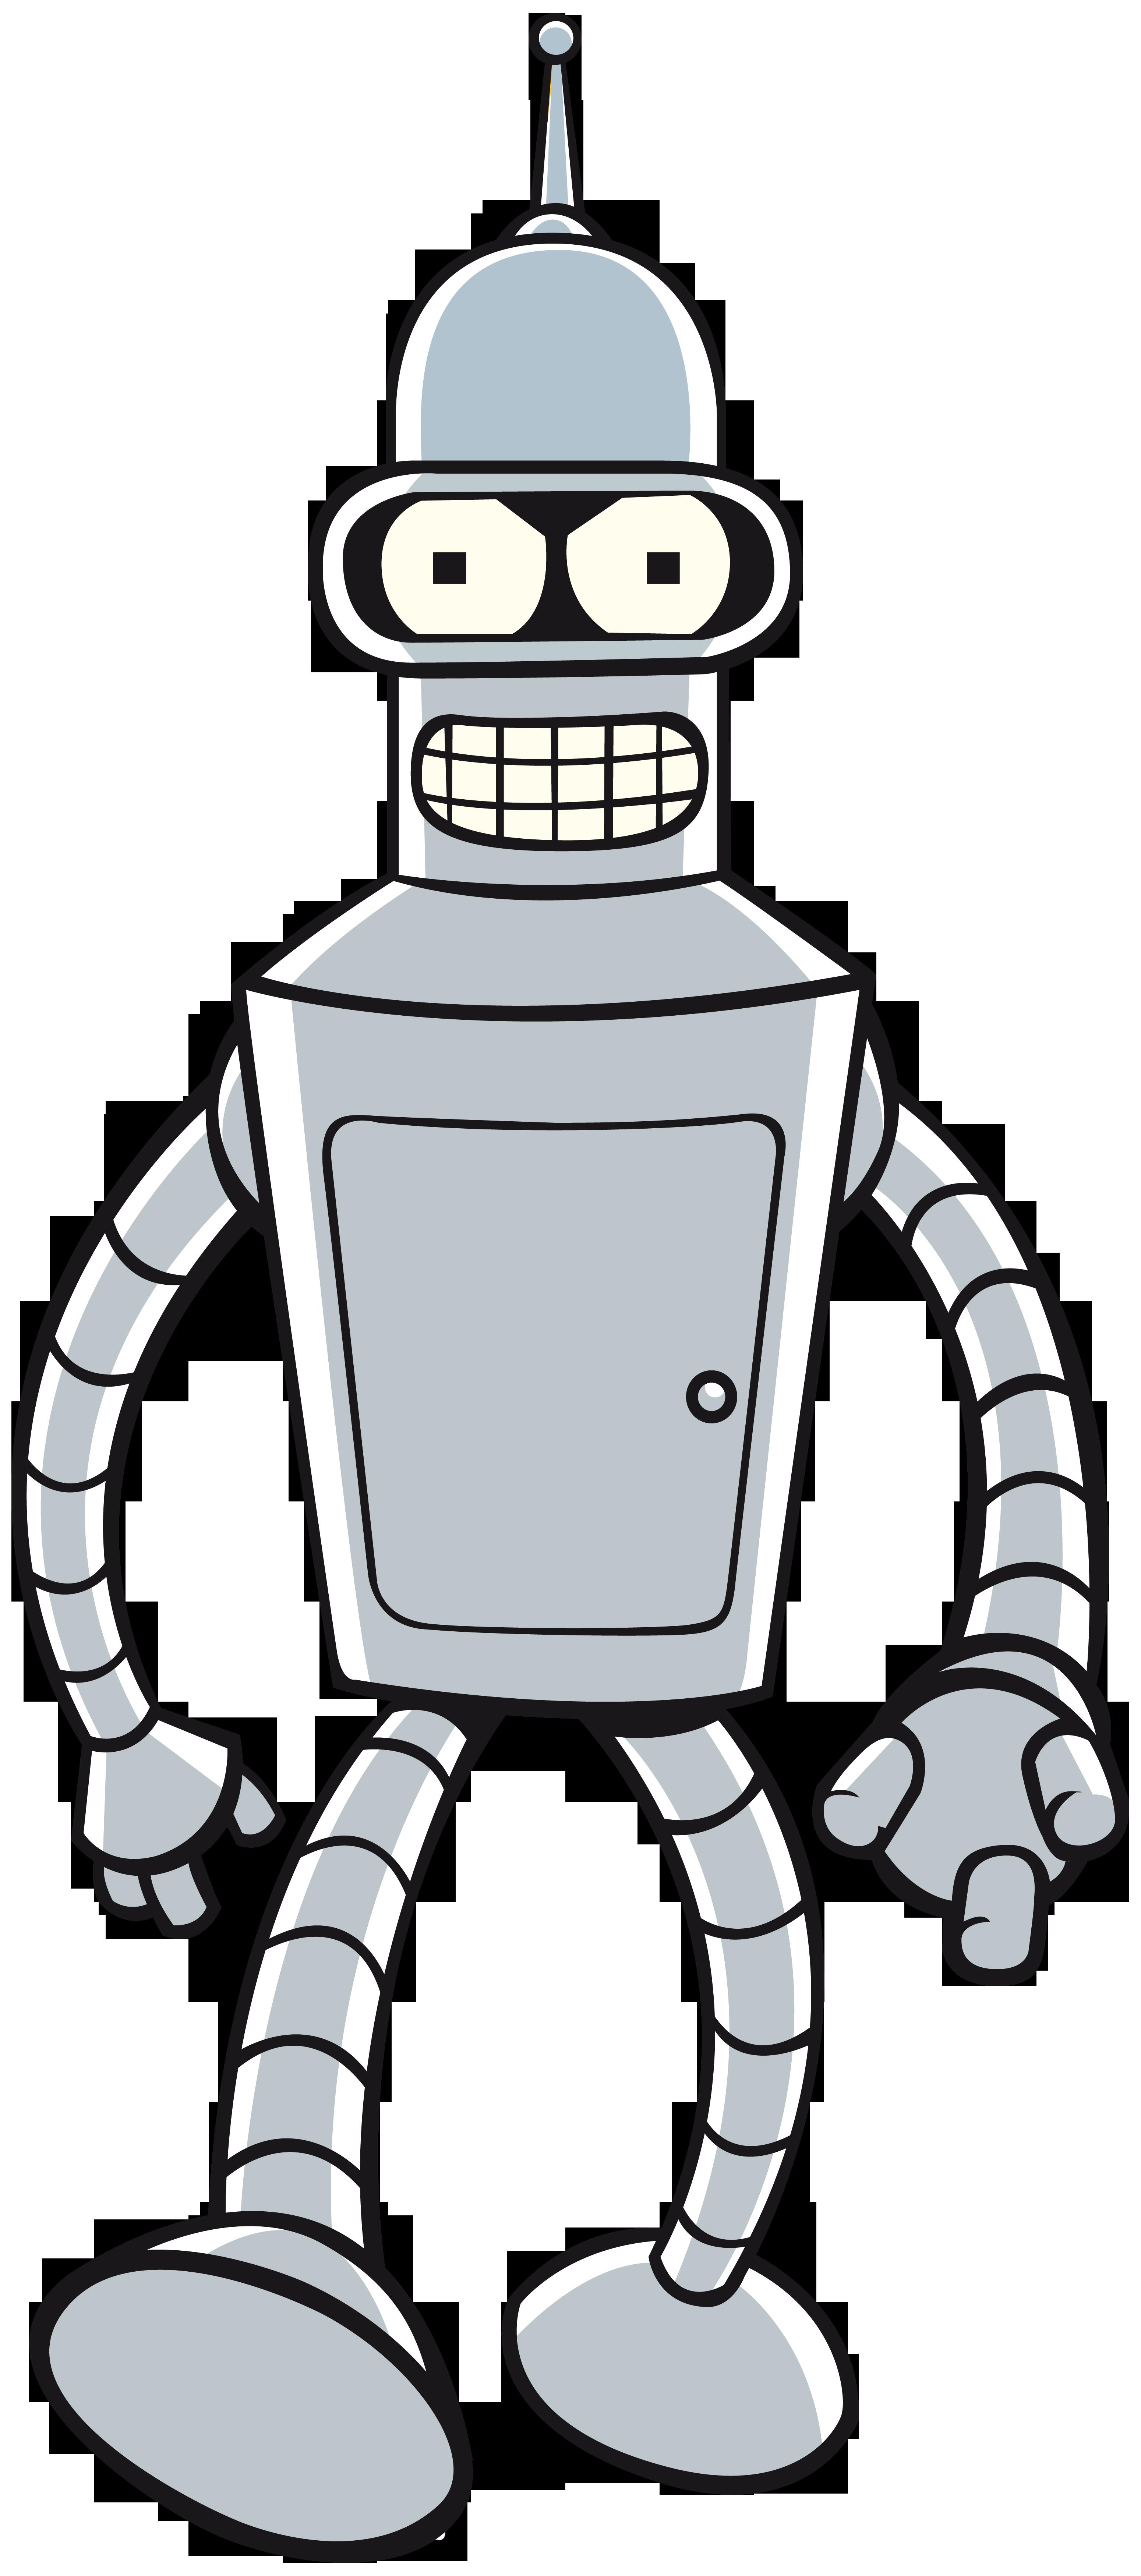 3100x7000 Futurama Bender Png Image